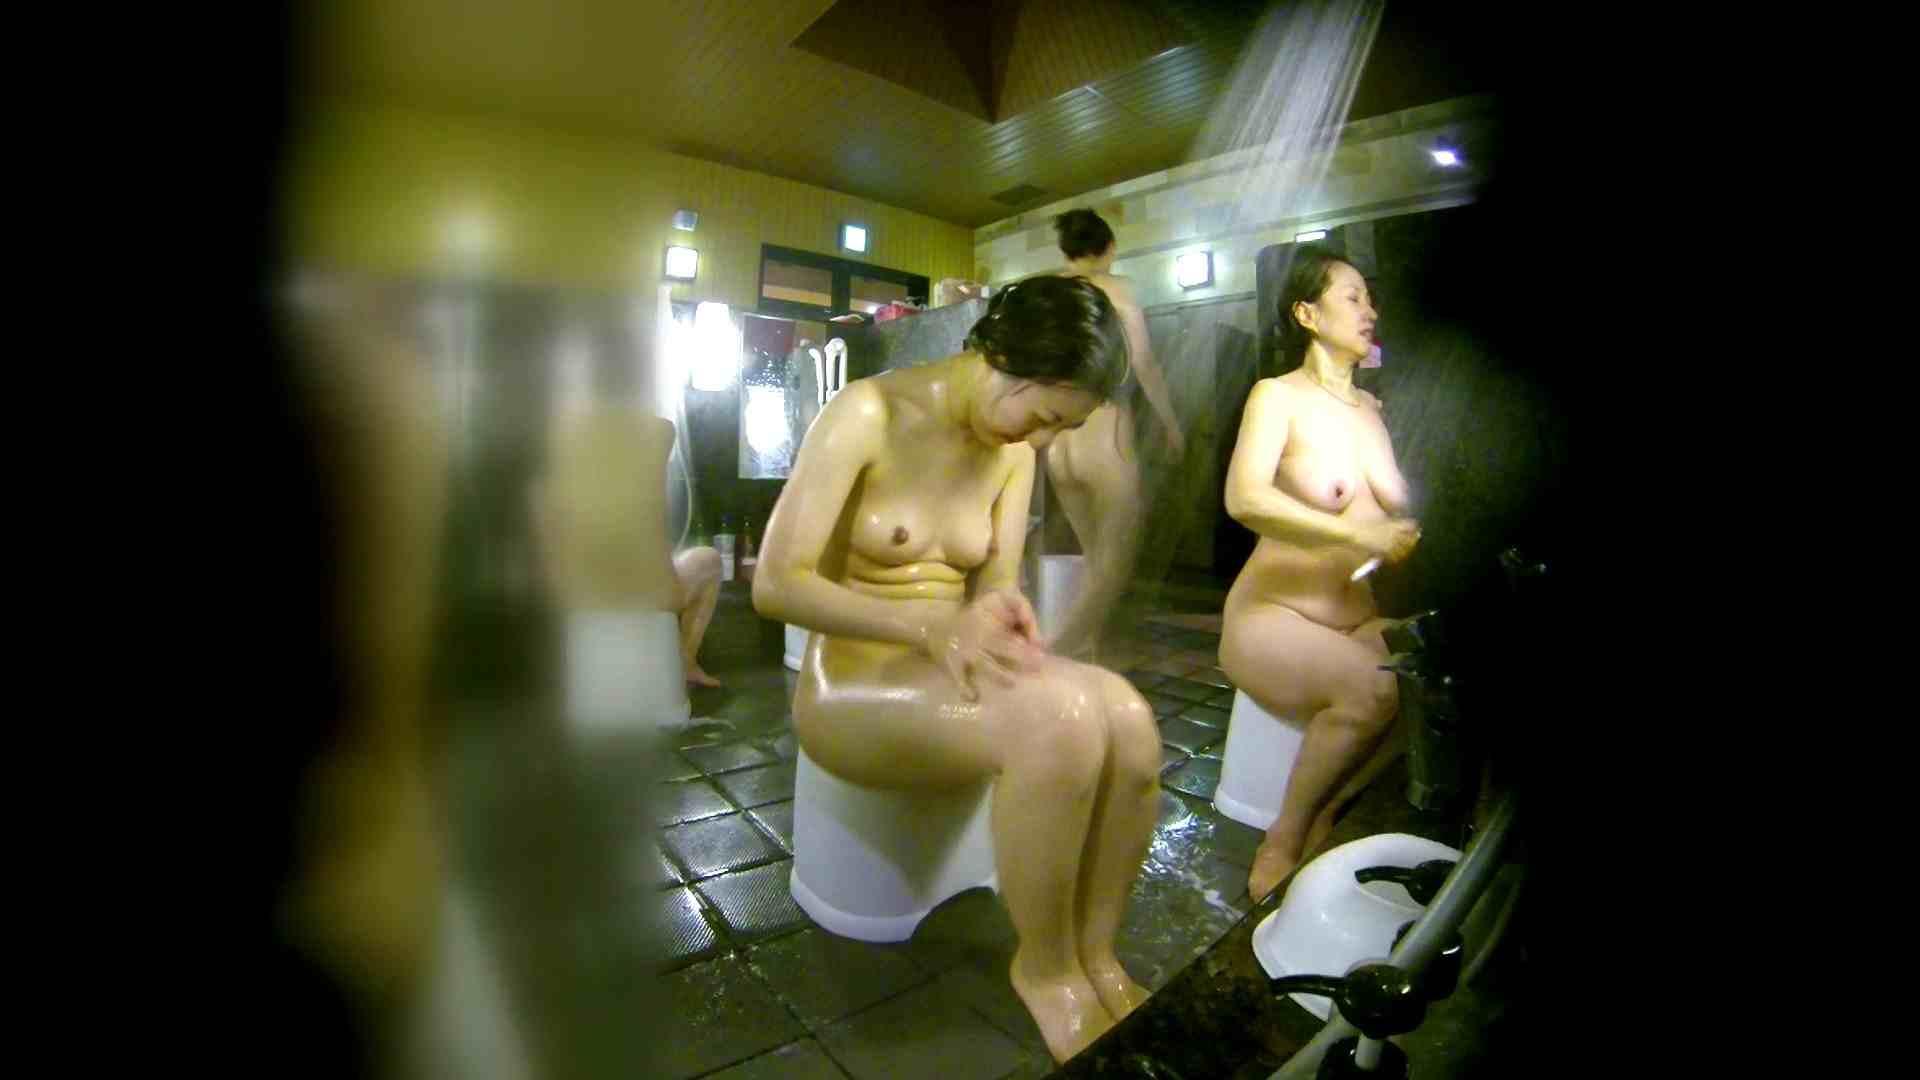 洗い場!右足の位置がいいですね。陰毛もっさり! 細身女性 すけべAV動画紹介 111画像 59